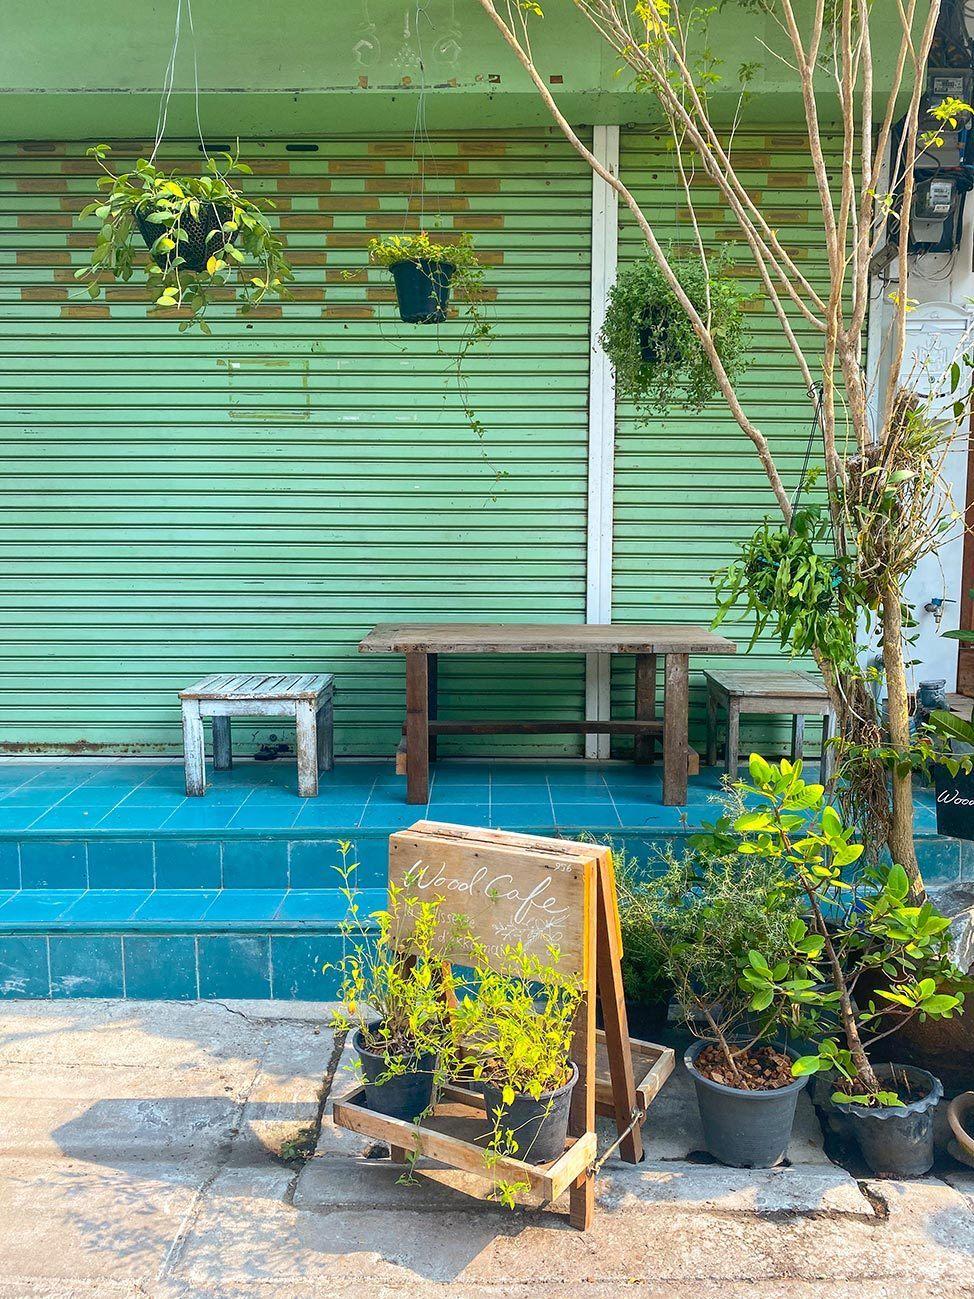 Cafe in Thonglor Bangkok